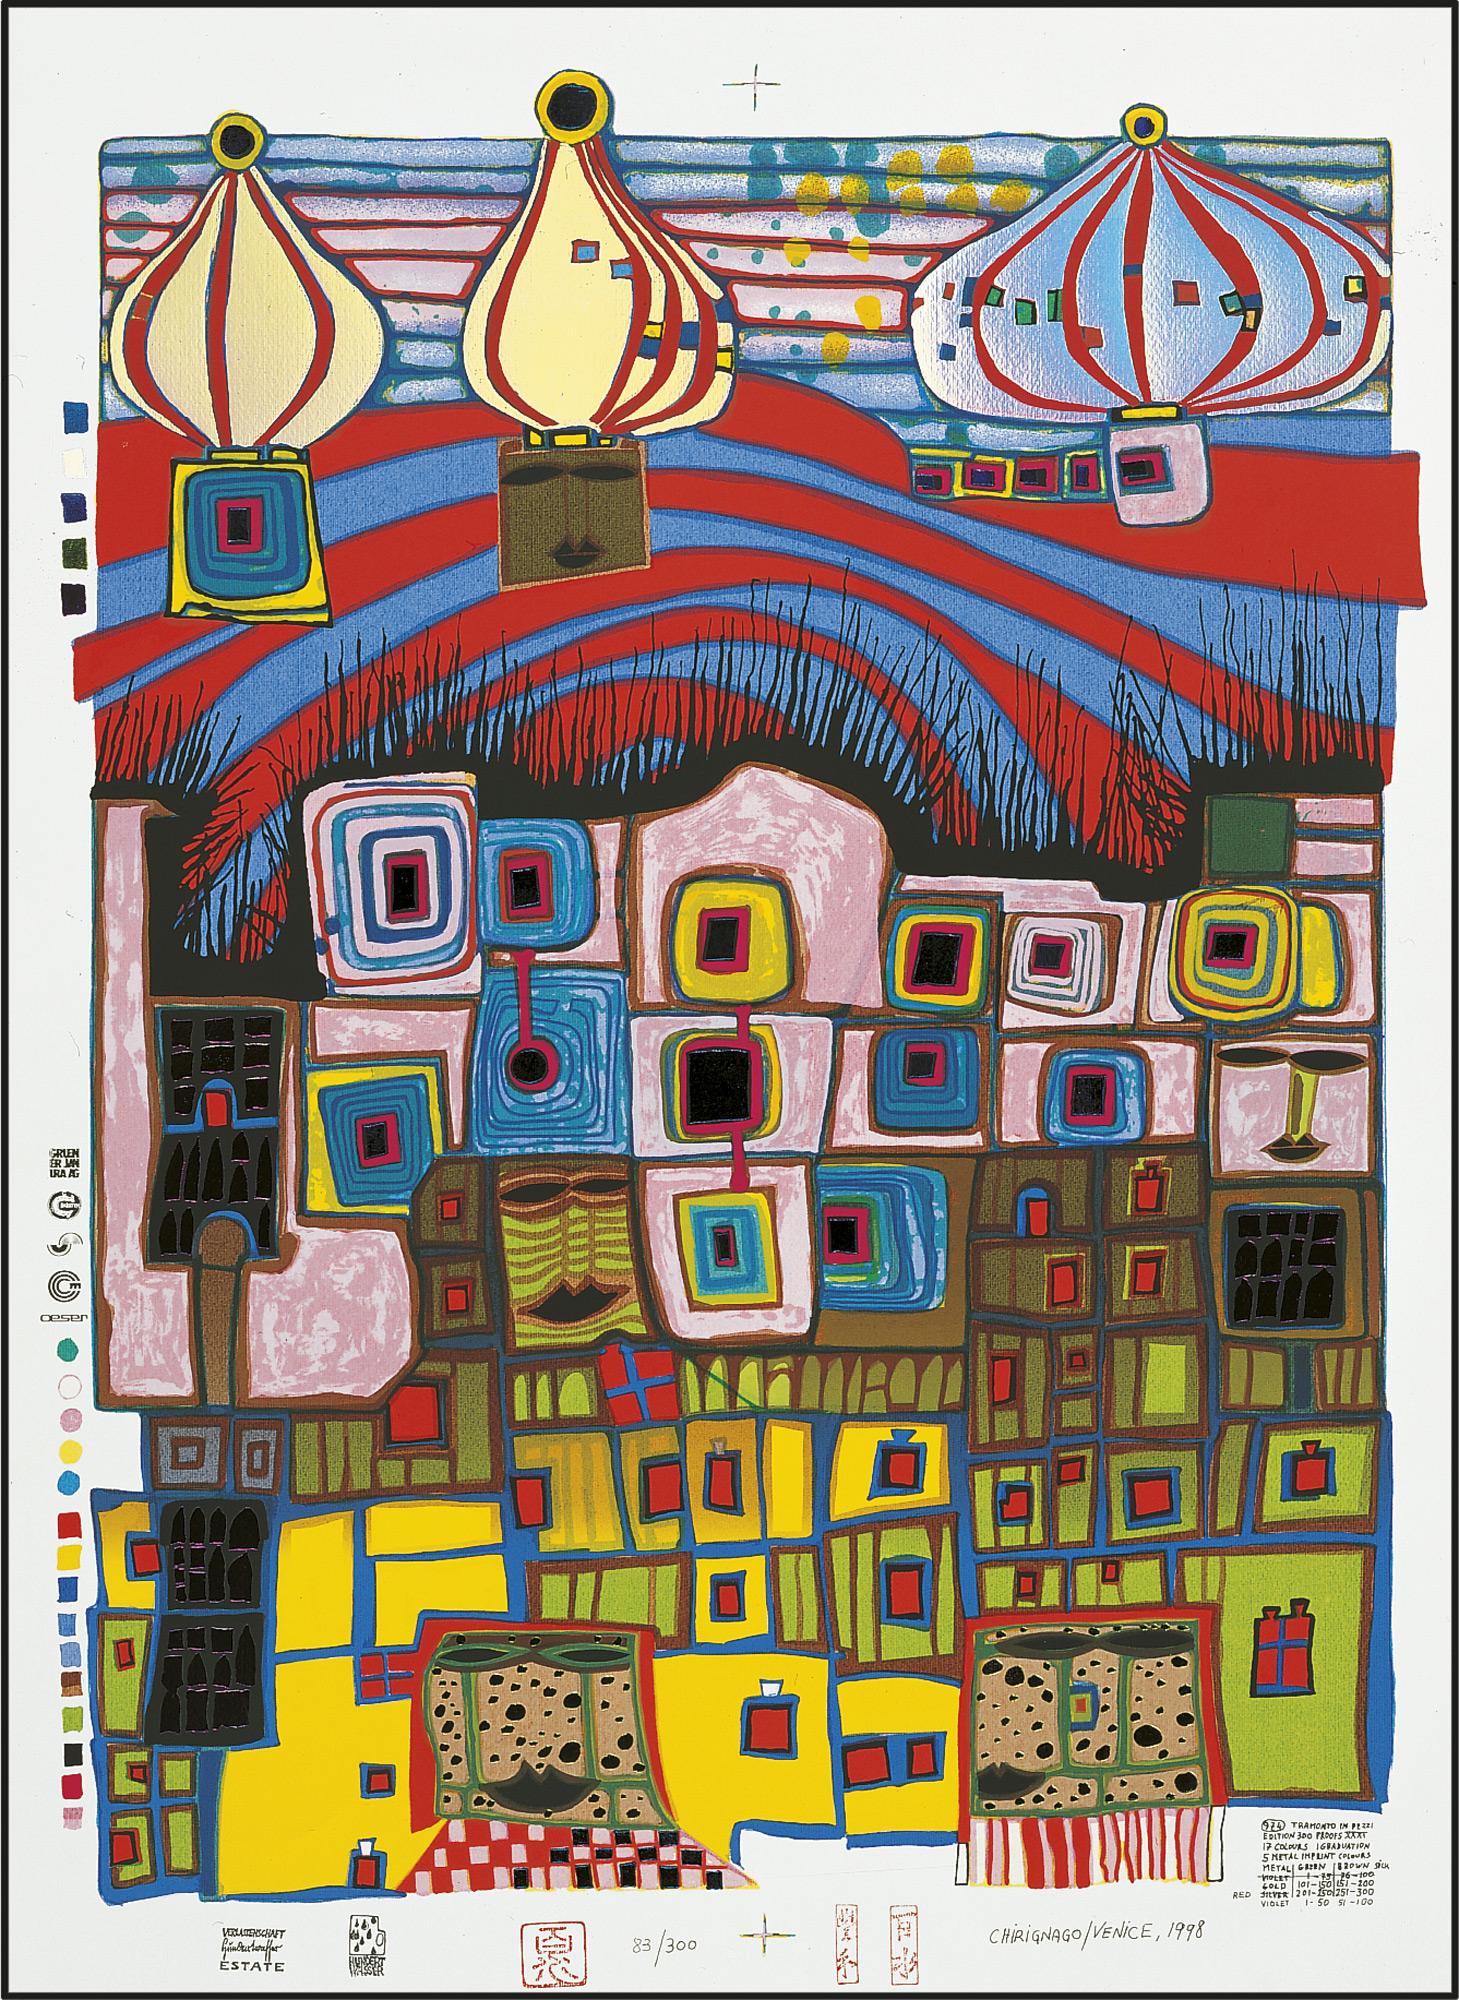 974 TRAMONTO IN PEZZI, ZERSTÜCKELTER SONNENUNTERGANG (1997) (Siebdruck)